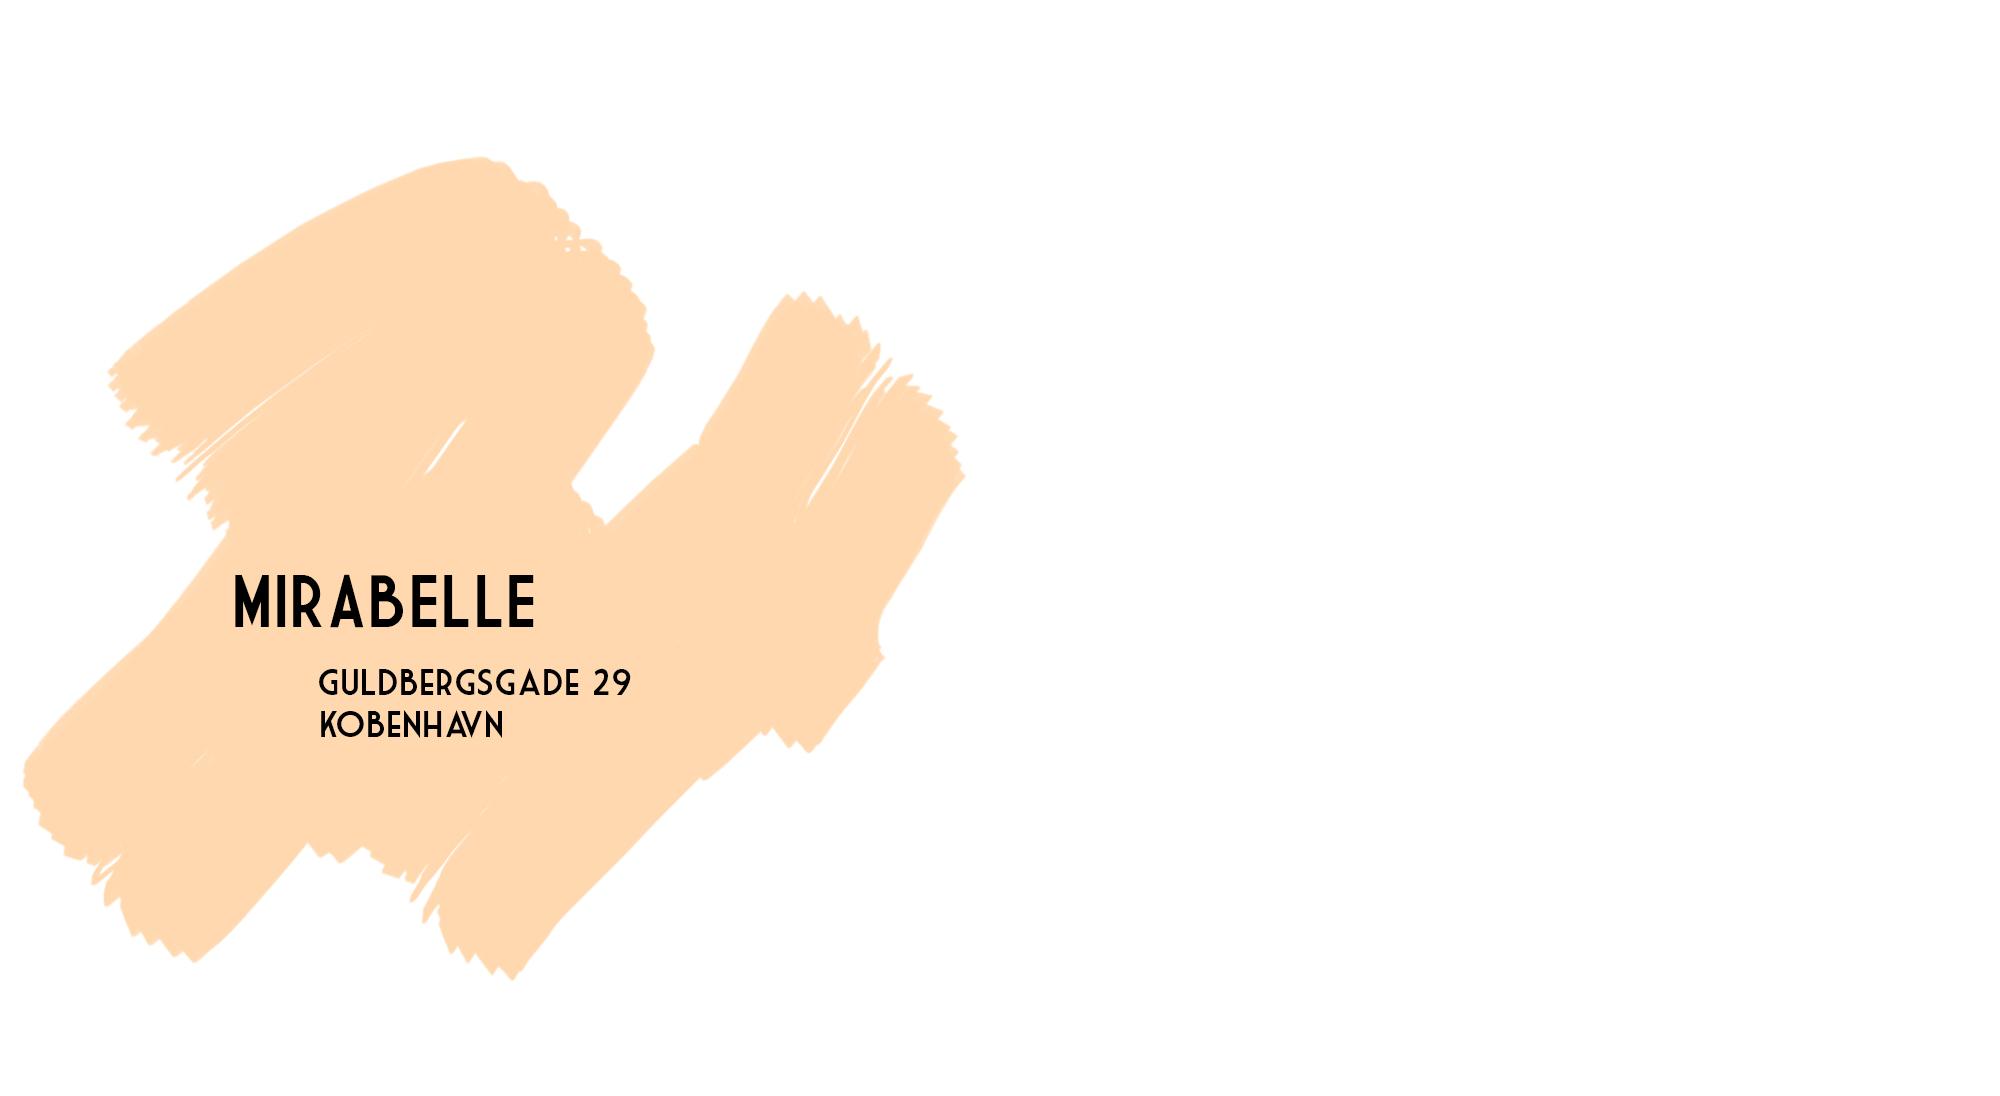 mirabelle01